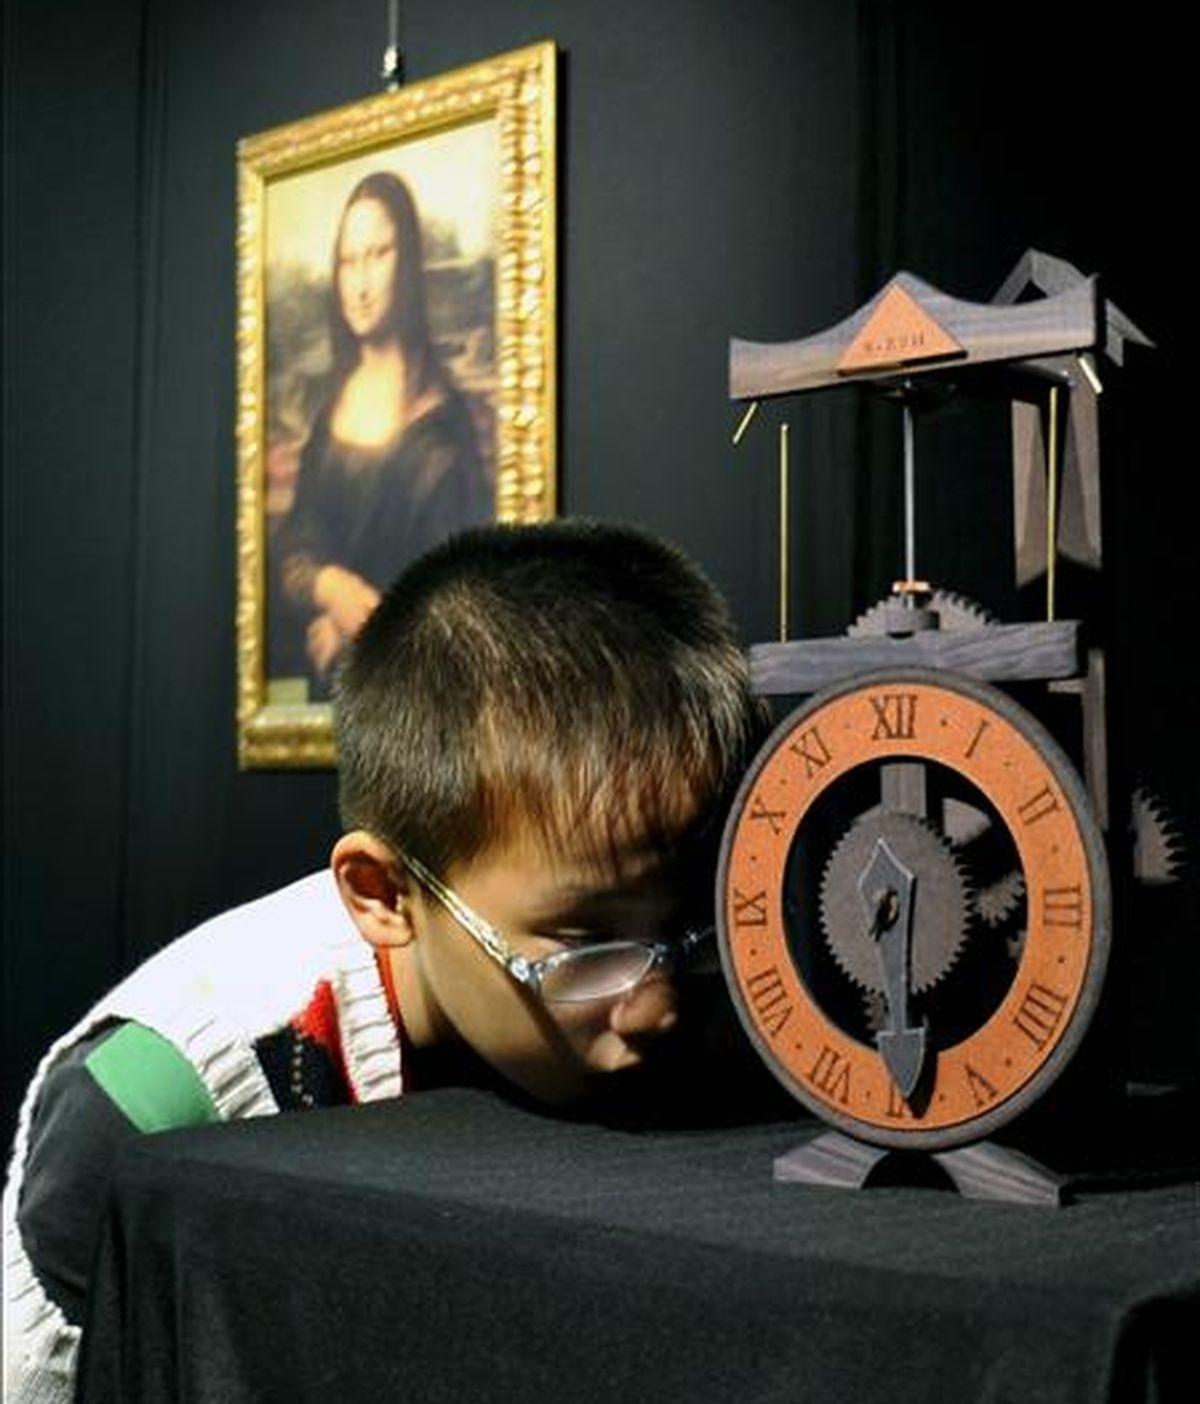 """En la imagen, un niño observa la """"Maquinaria para un reloj"""", maqueta diseñada por Leonardo da Vinci, mientras visita la feria de arte y ciencia Leonardo da Vinci en la ciudad de Hangzhou, en la provincia oriental china de Zhejiang. EFE/Archivo"""